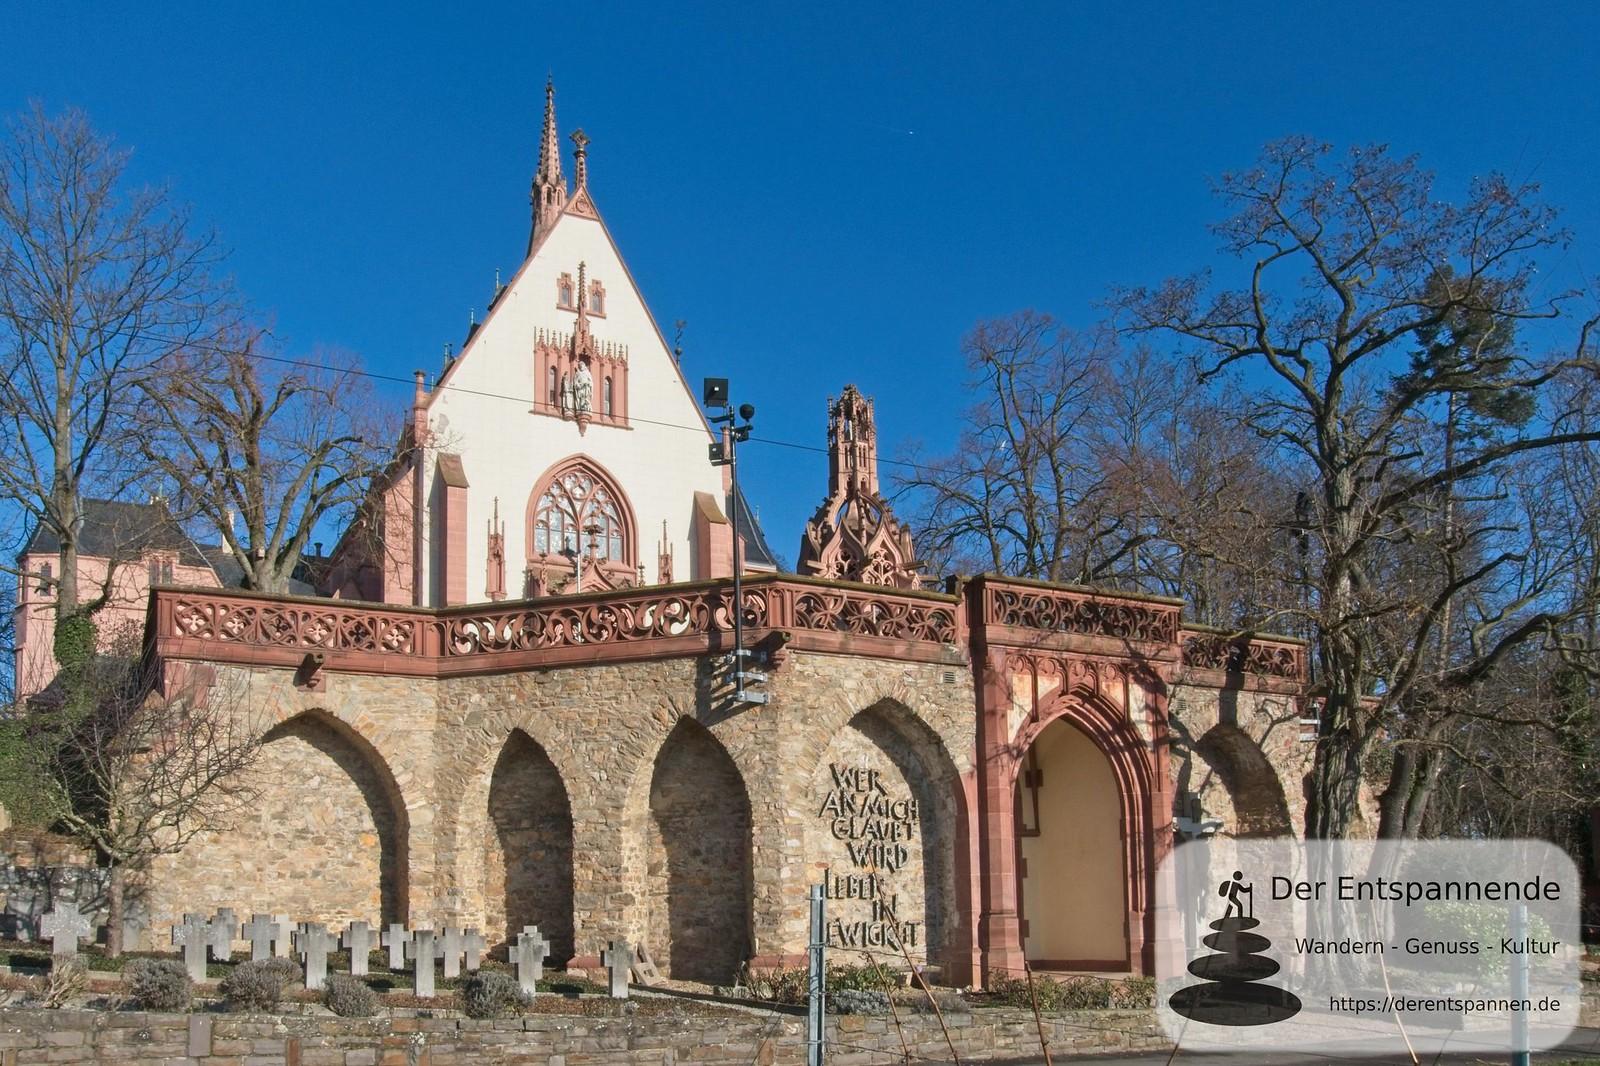 Rochuskapelle mit Betlehemkapelle auf dem Rochusberg (Bingen)